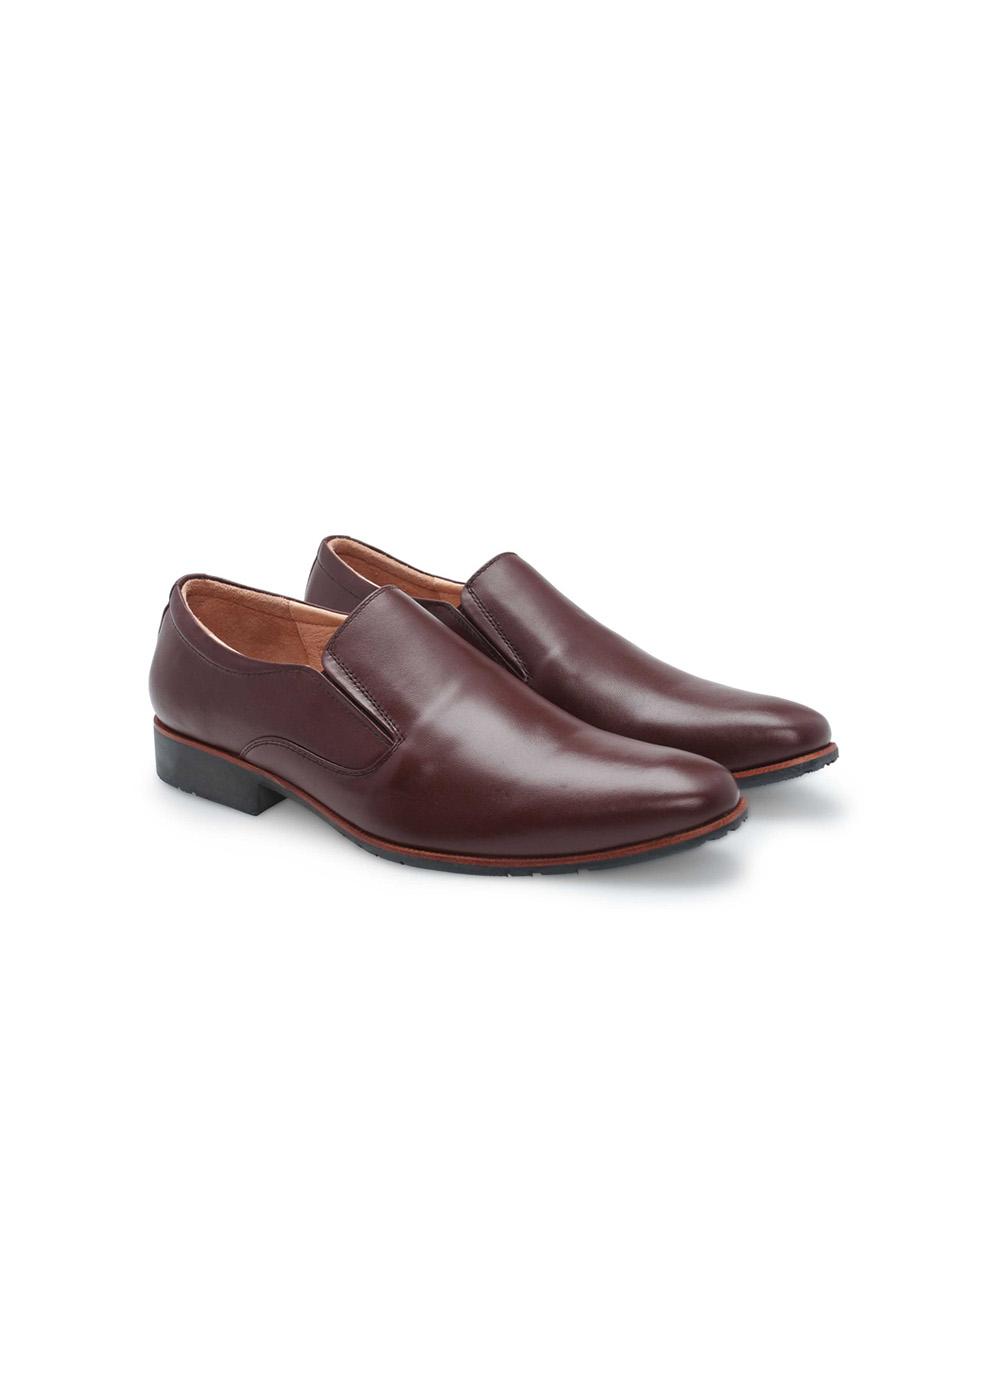 Giày tây nam công sở không dây lịch lãm thương hiệu PABNO - PN109